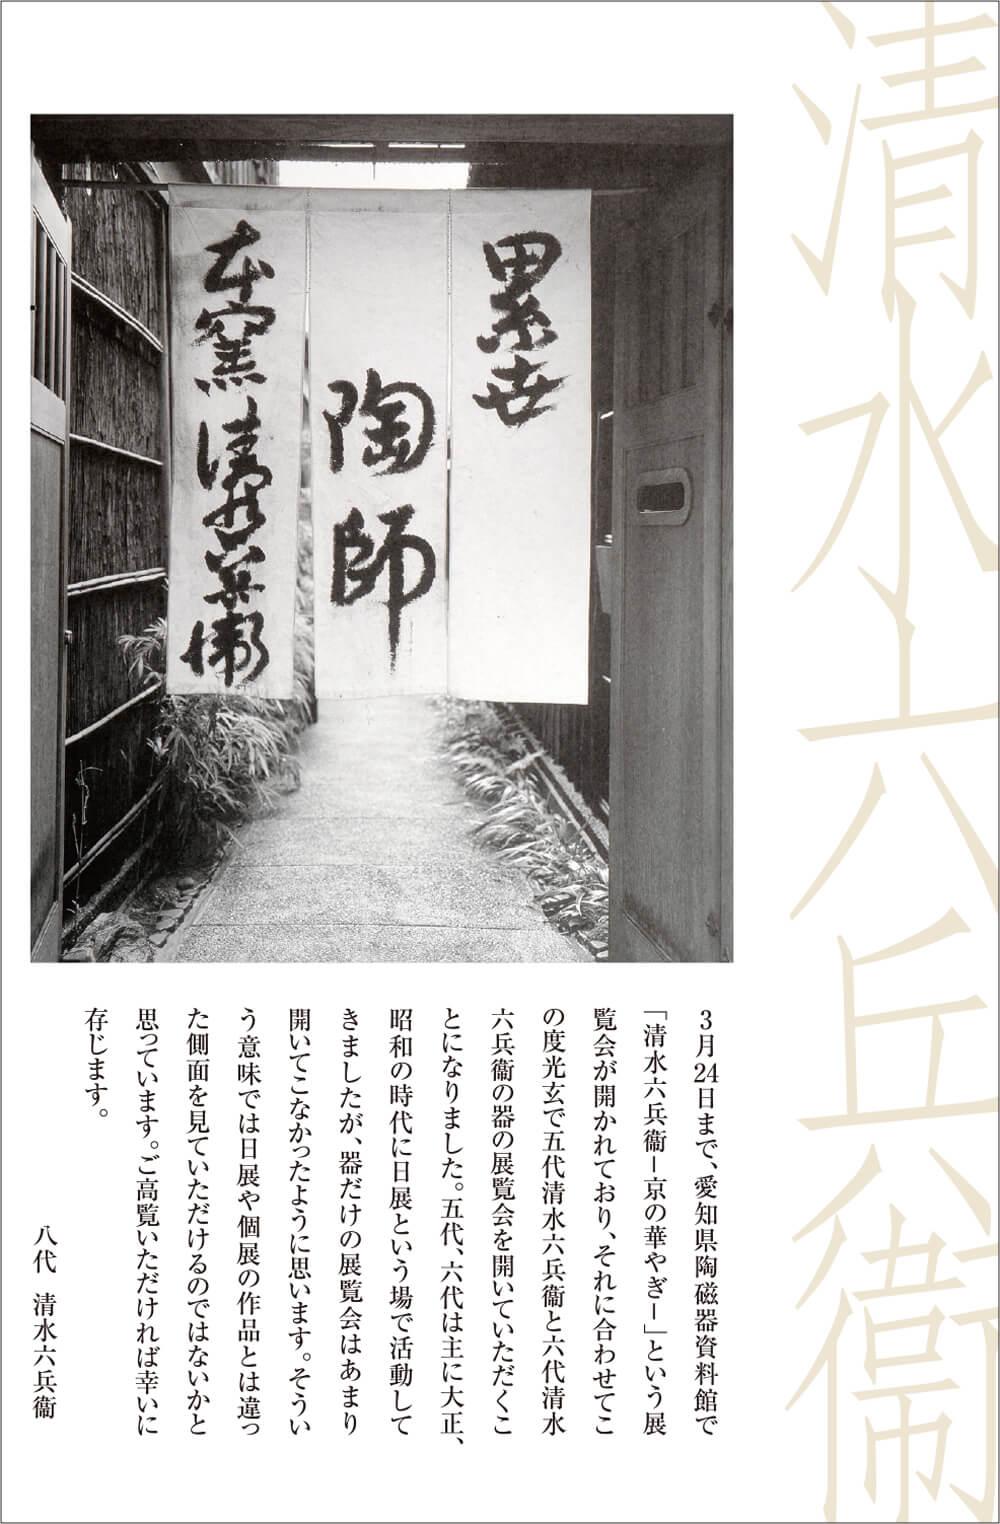 2013年2月15日から開催の「五代・六代 清水 六兵衞 食の器 展」の作品DMの画像